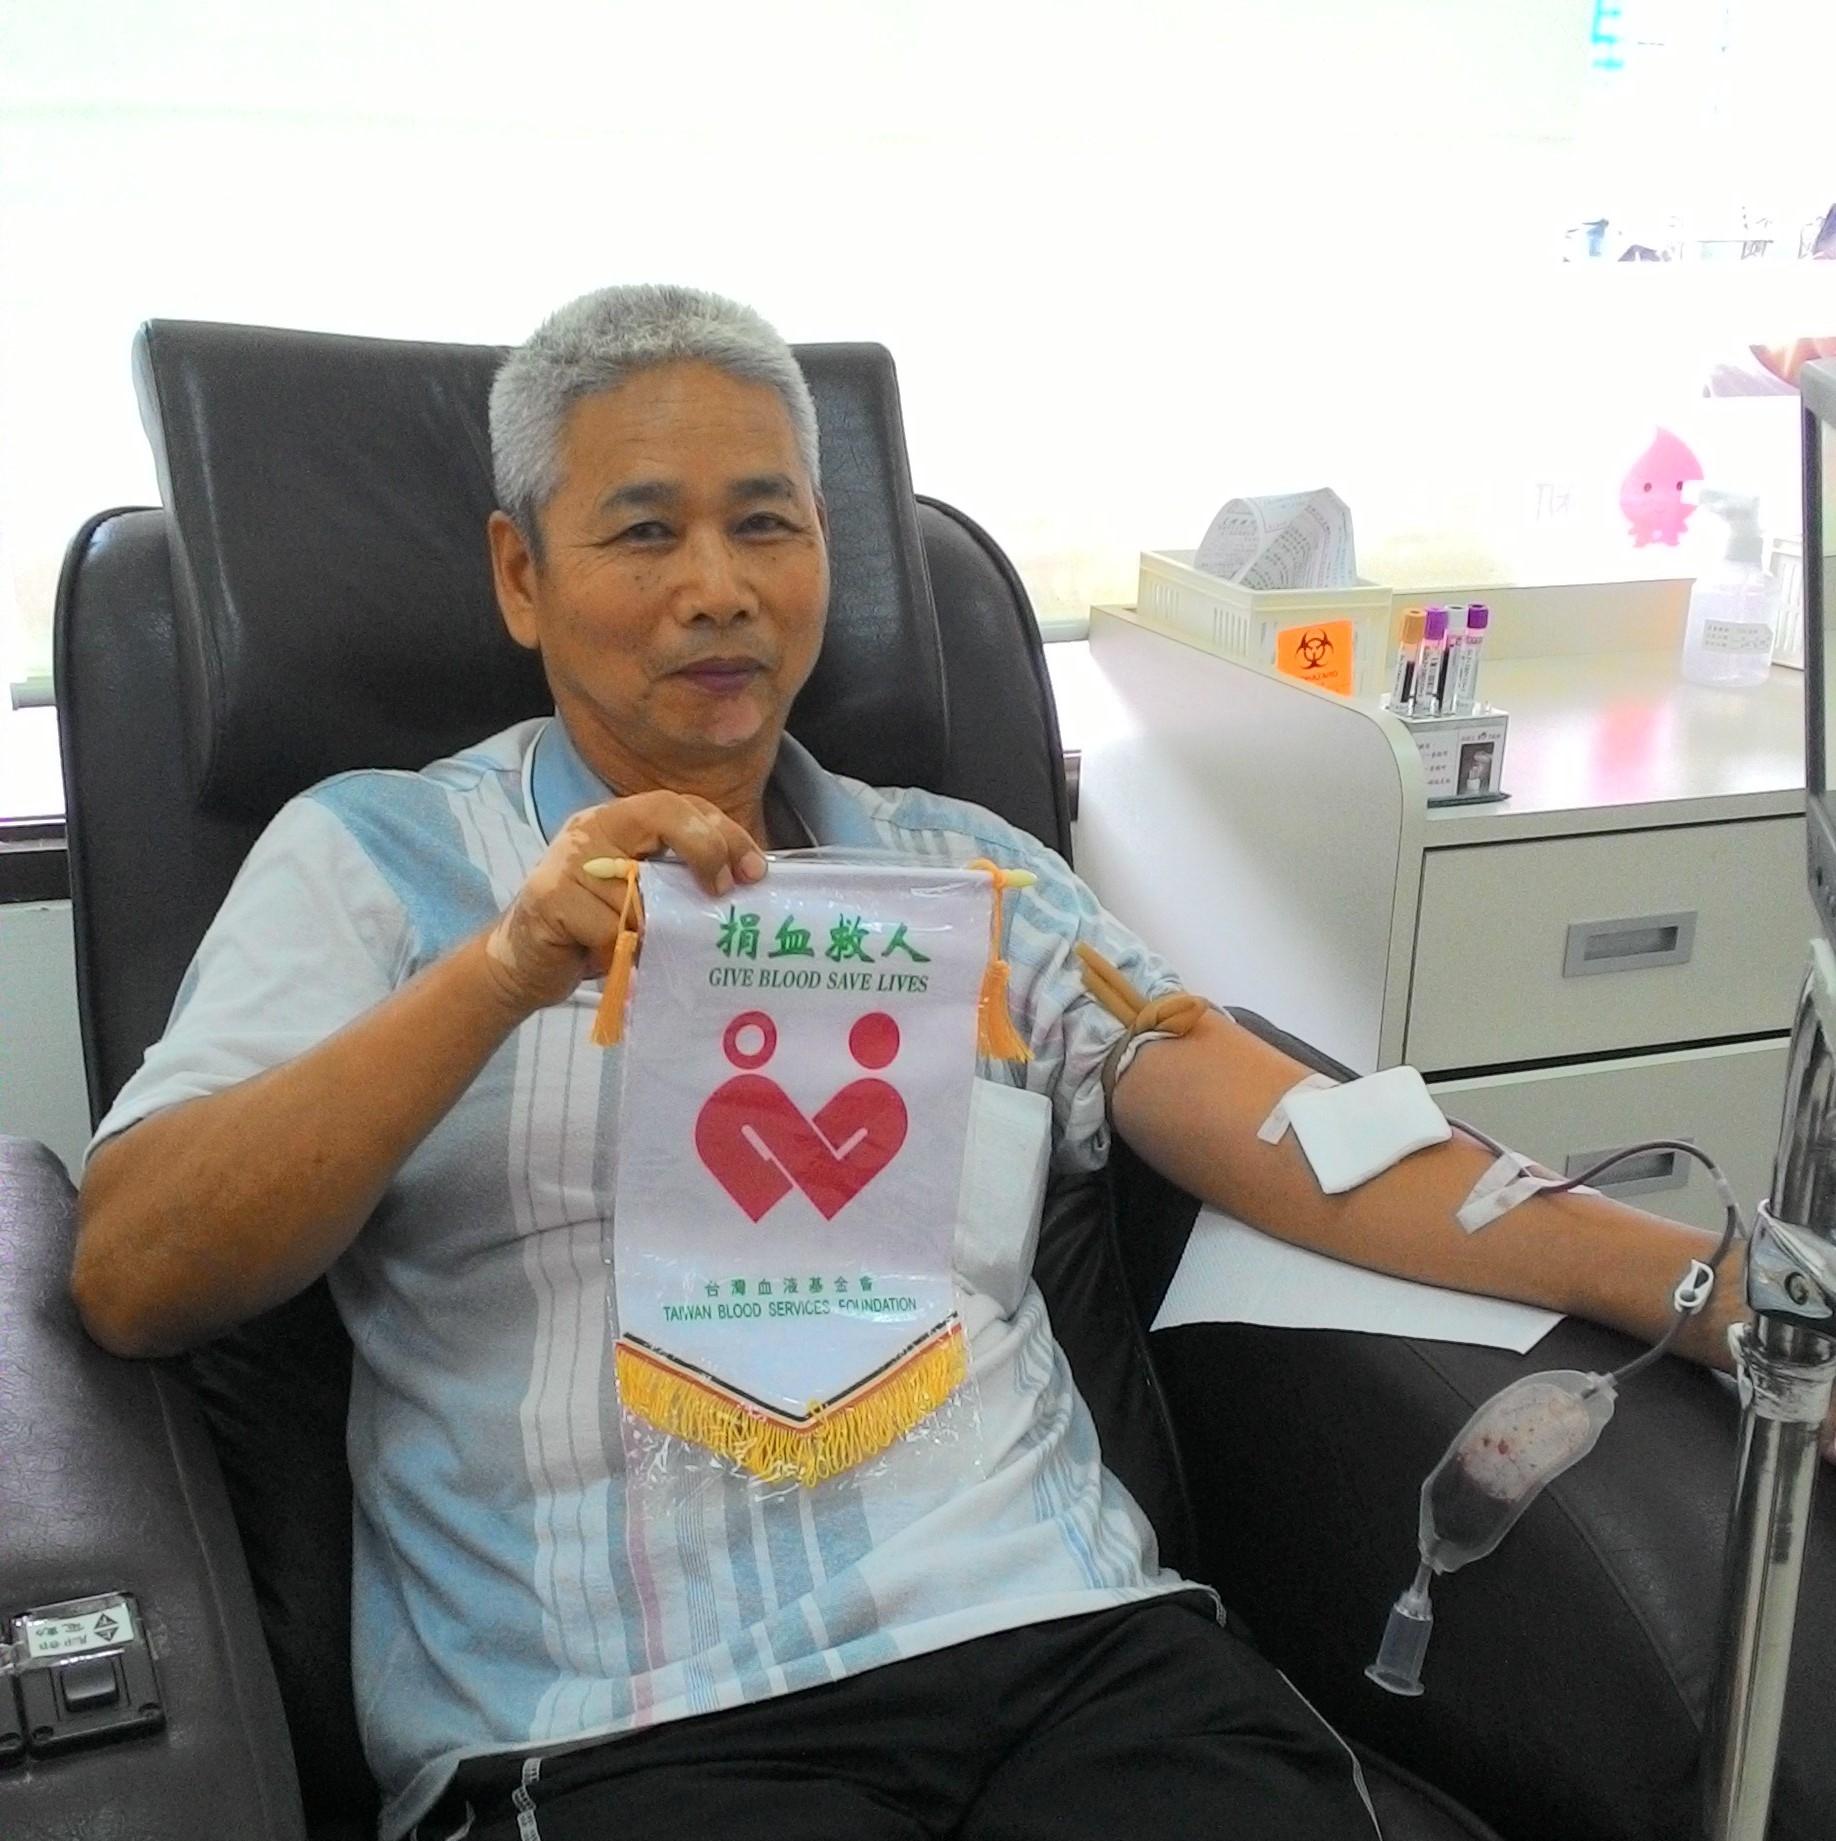 感謝有您 捐血助人